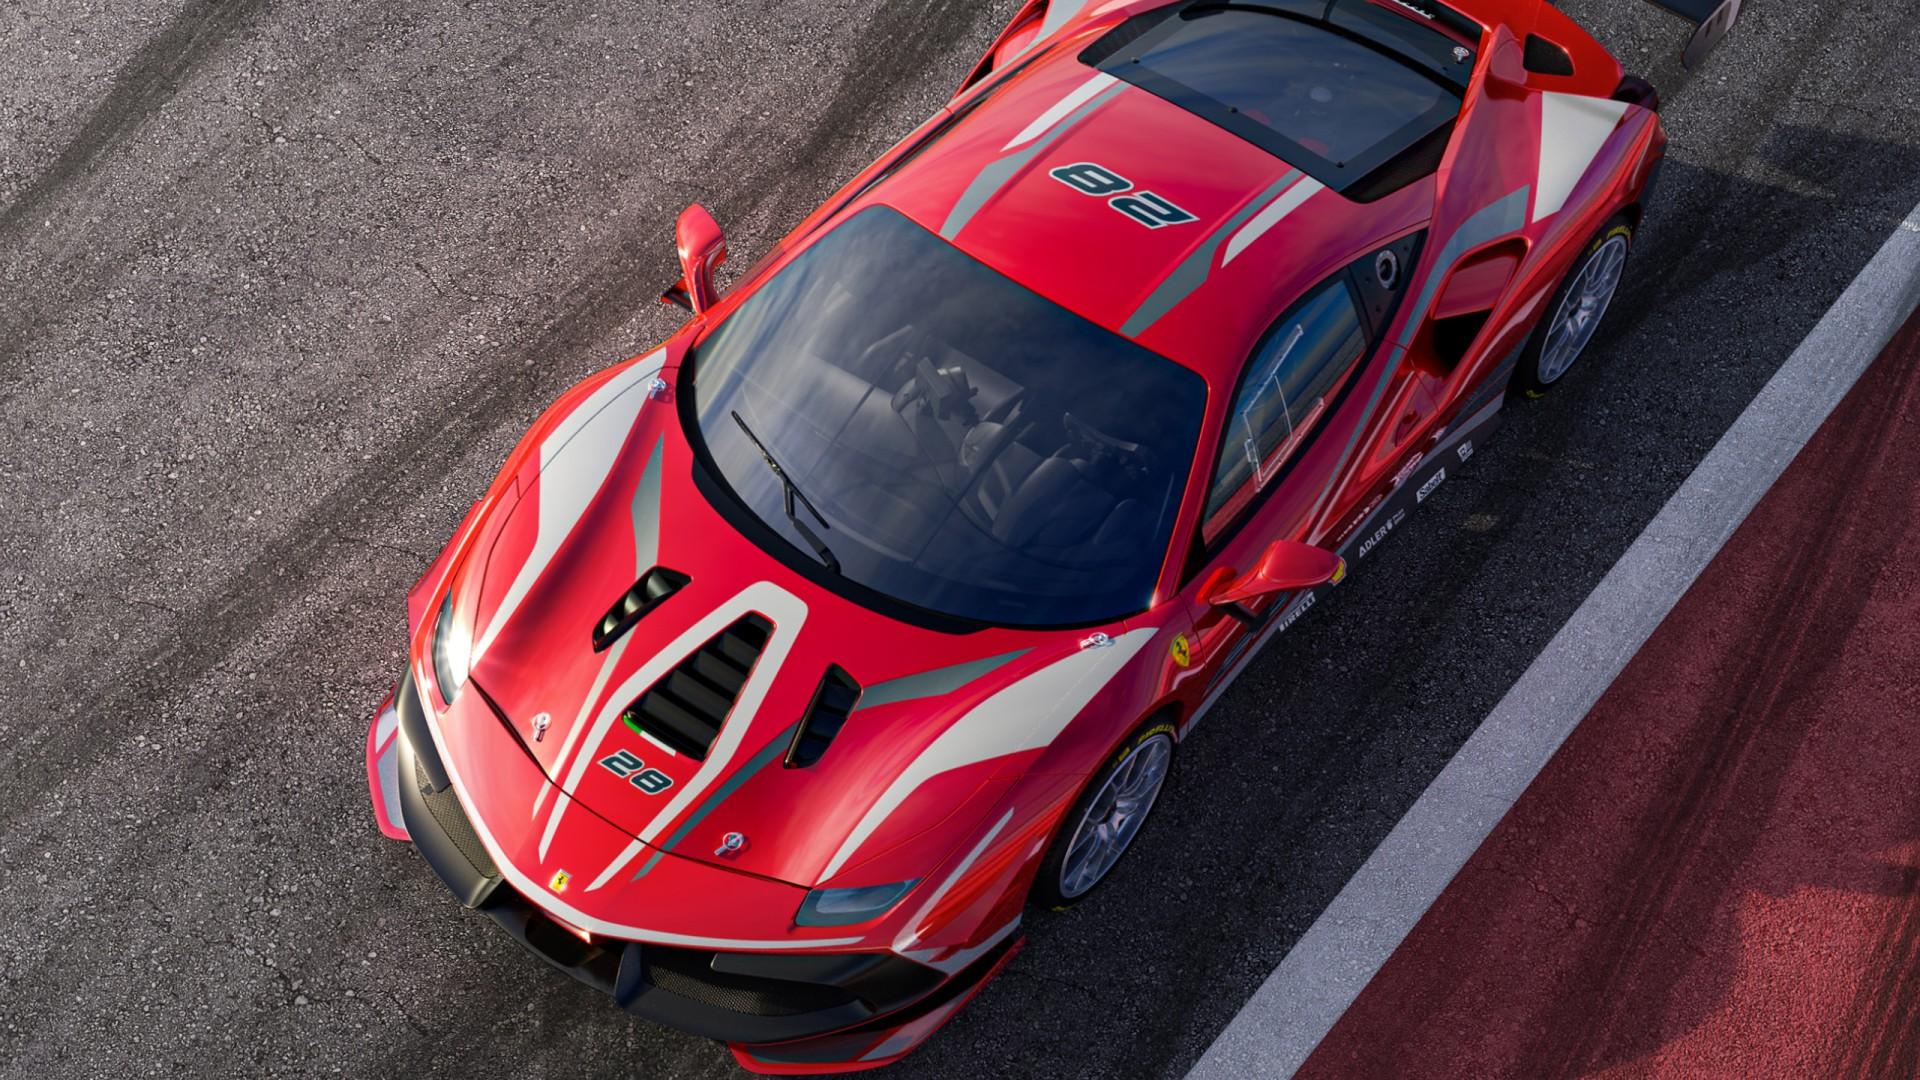 Ferrari 488 Challenge Evo 2020 Wallpaper HD Car Wallpapers ID 1920x1080